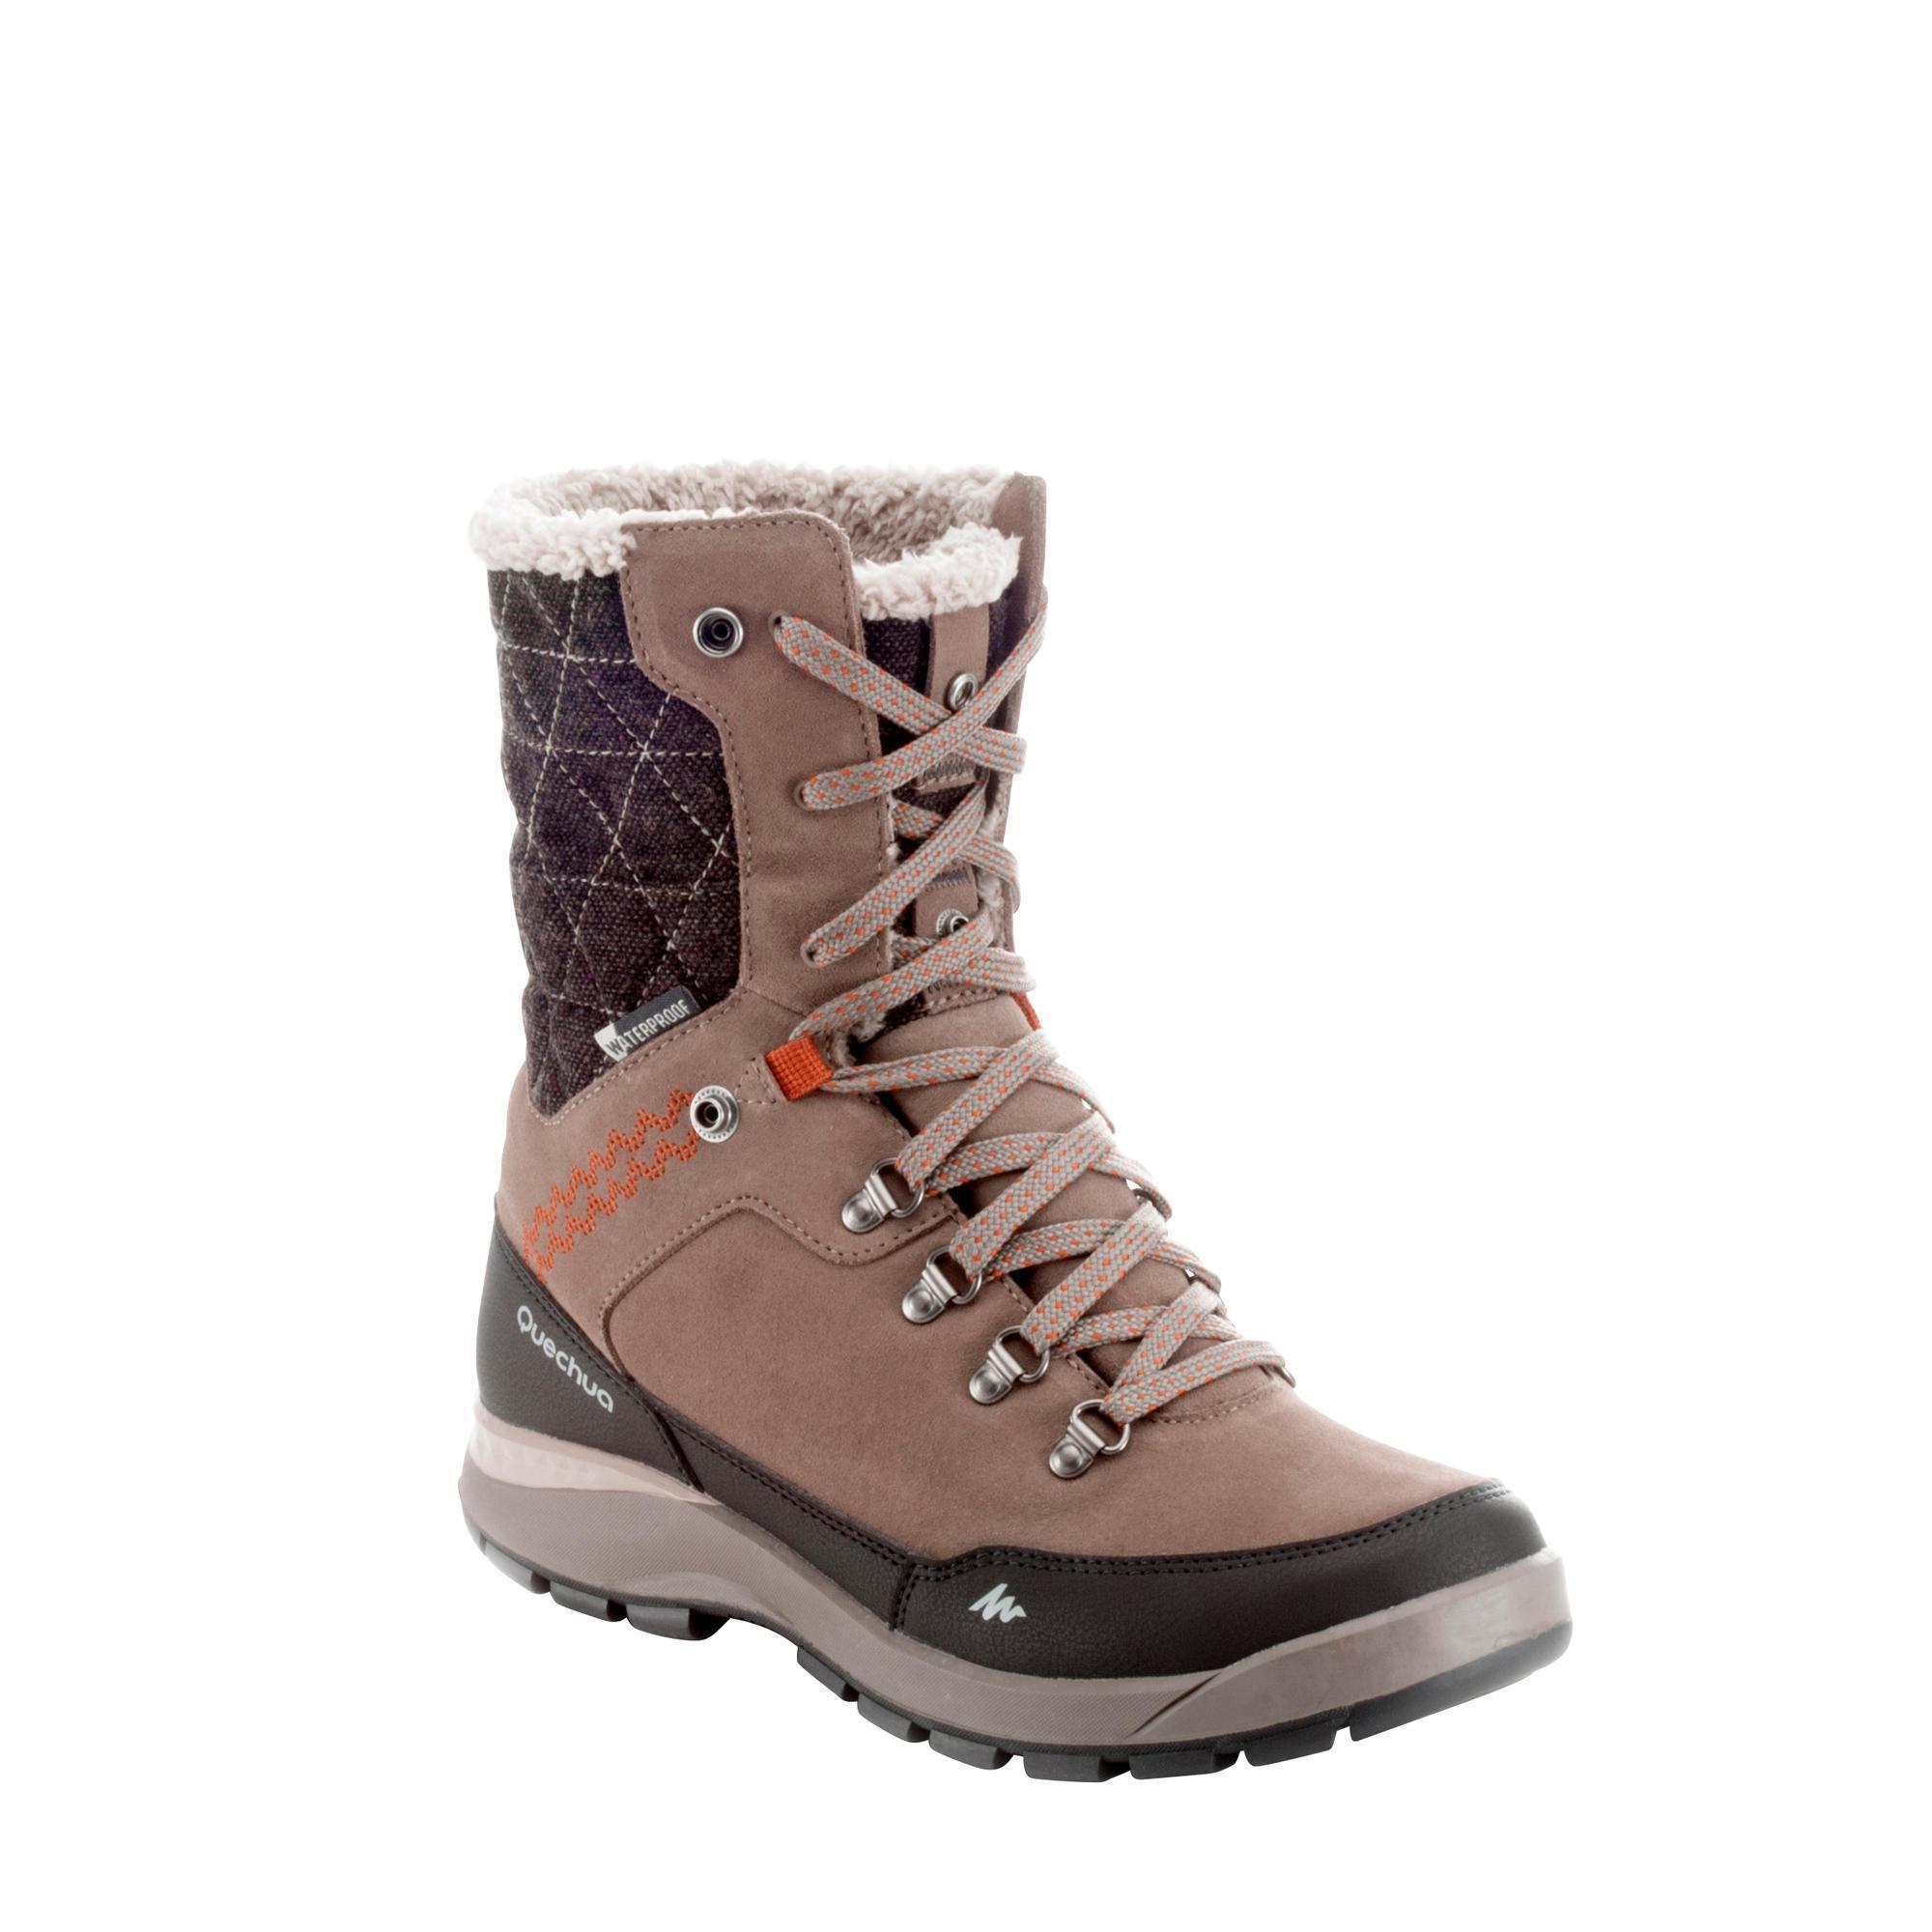 chaussures de randonn e neige femme sh500 tige haute chaude imperm ables orange quechua. Black Bedroom Furniture Sets. Home Design Ideas